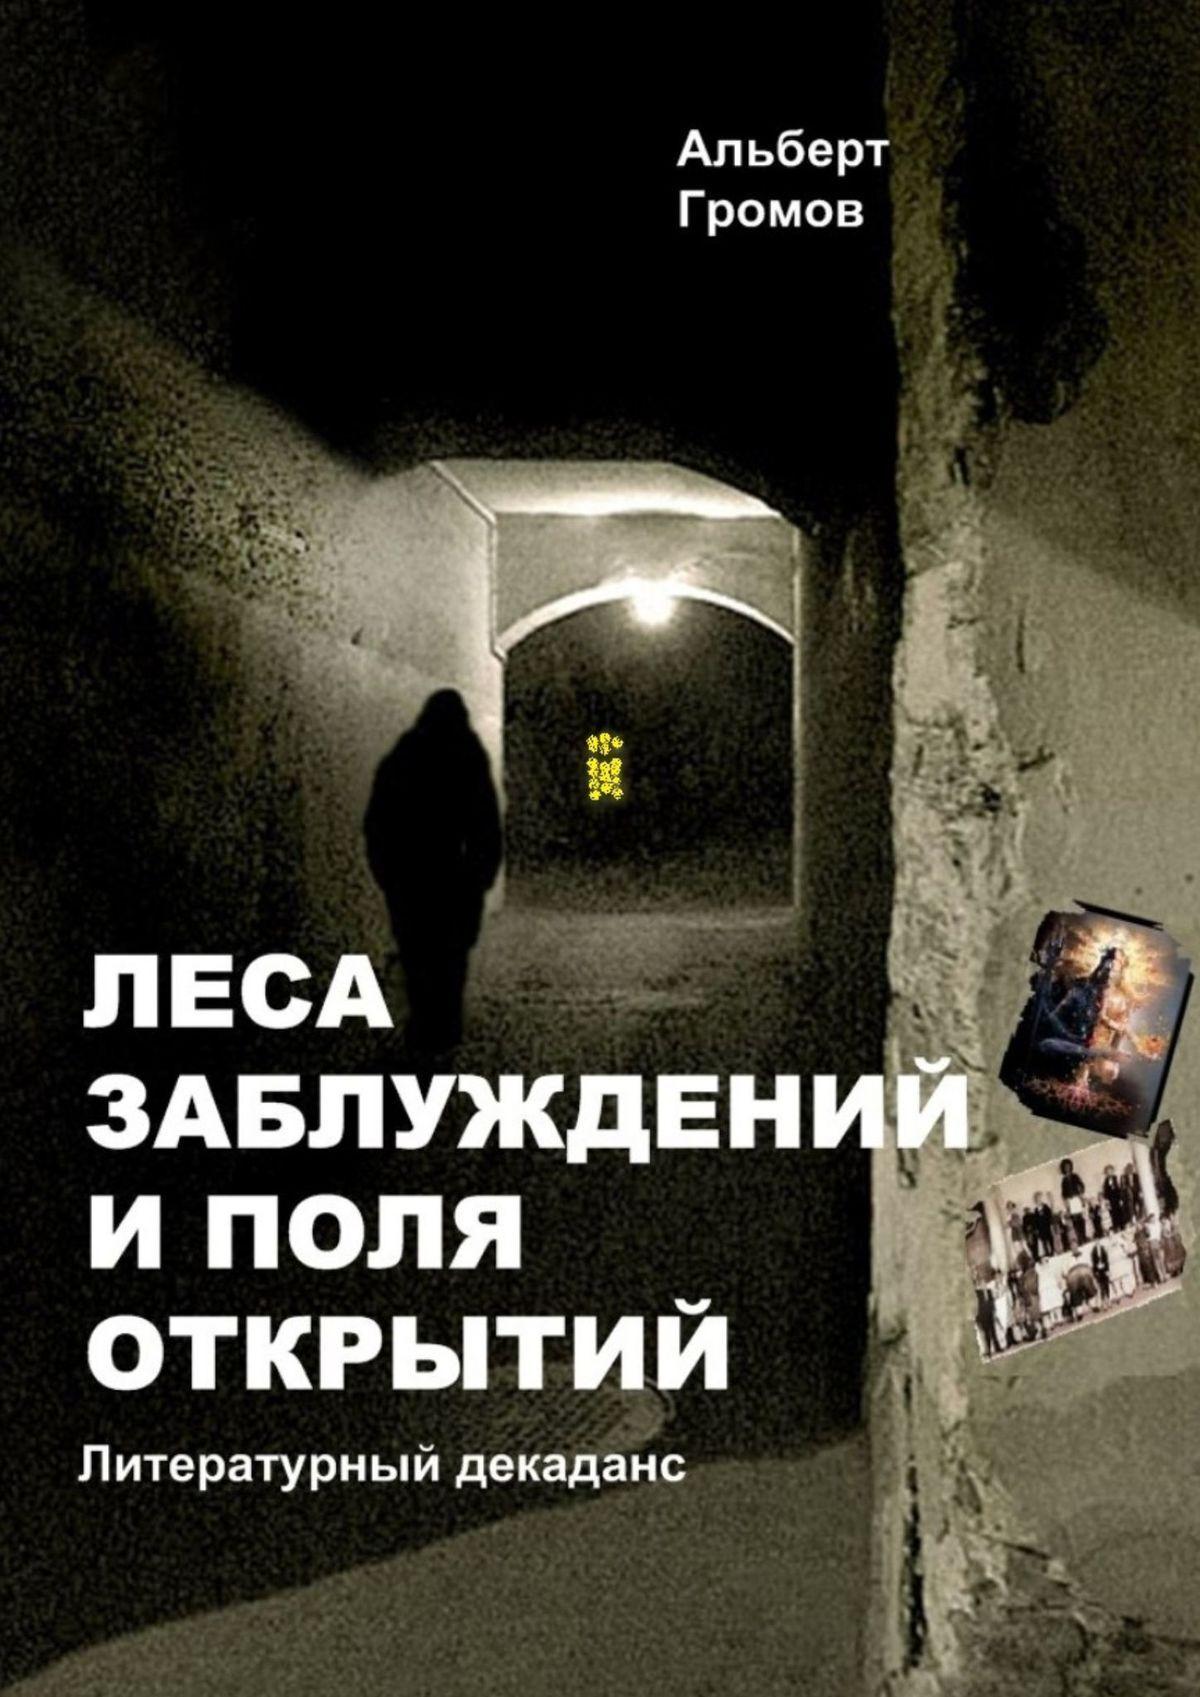 Альберт Юрьевич Громов Леса заблуждений иполя открытий альберт громов разговоры